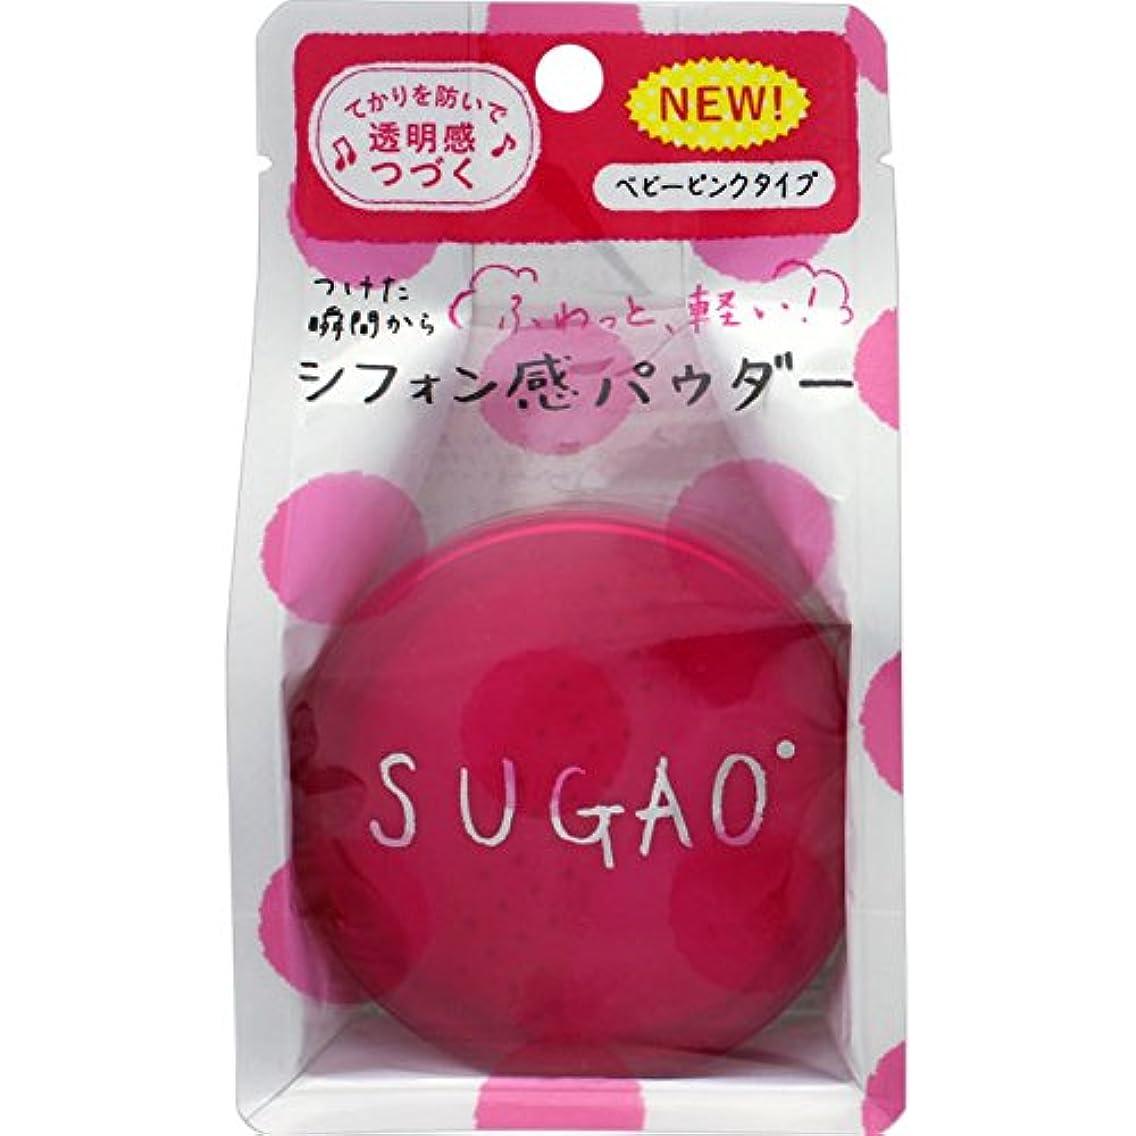 すりエーカーかけるスガオ (SUGAO) シフォン感パウダー ベビーピンクタイプ SPF23 PA+++ 6g